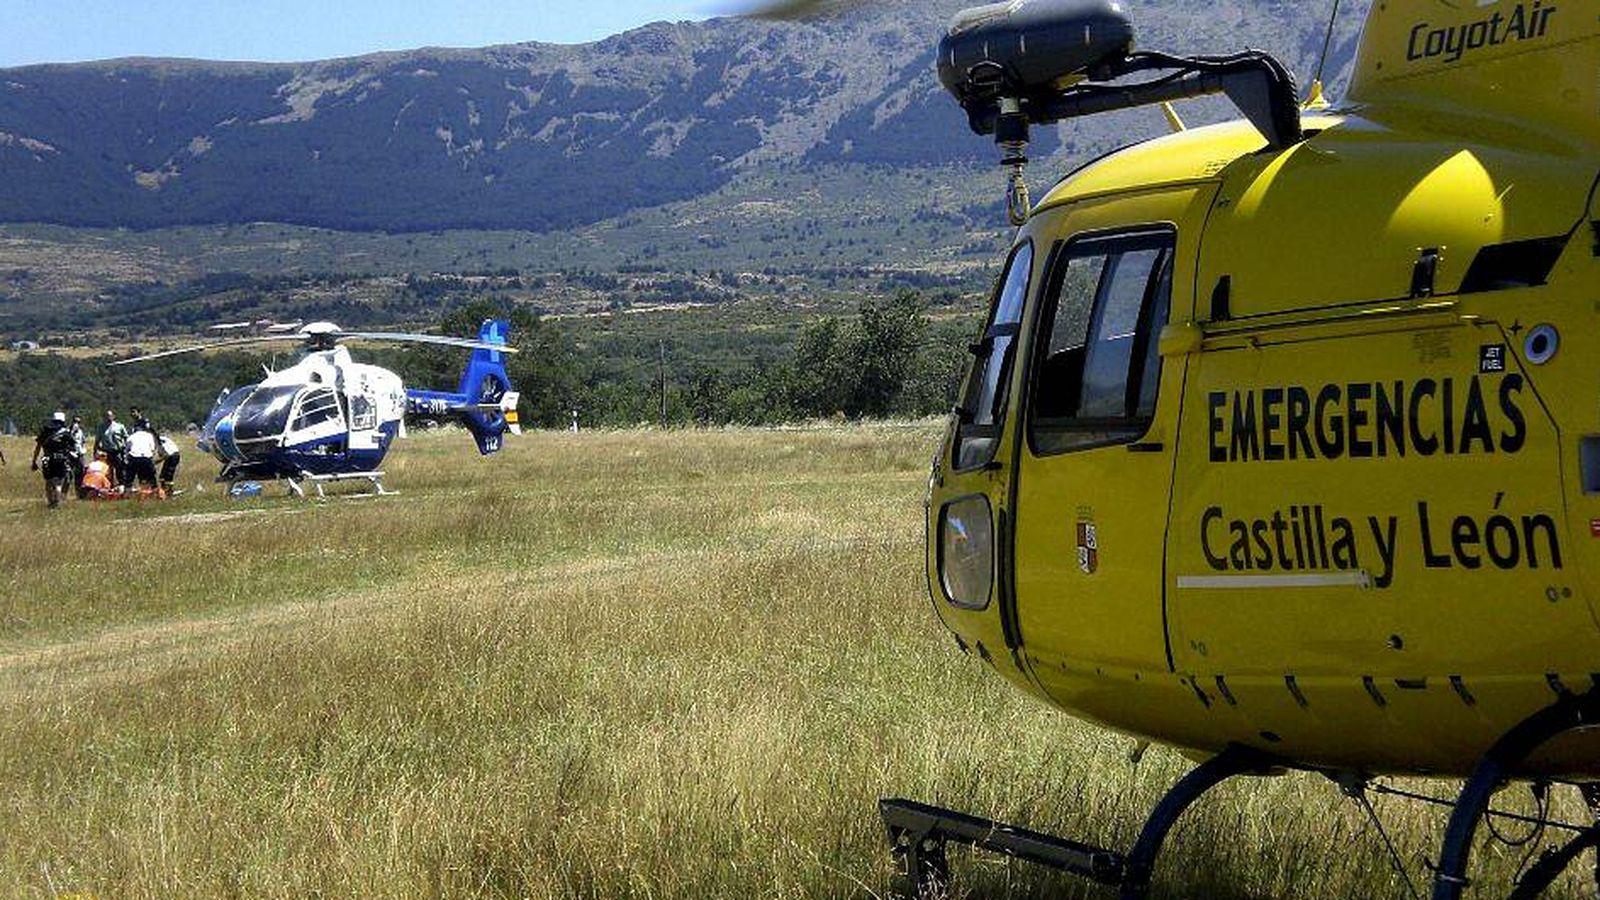 Foto: Los servicios del 112 de Castilla y León acudieron rápidamente a la llamada